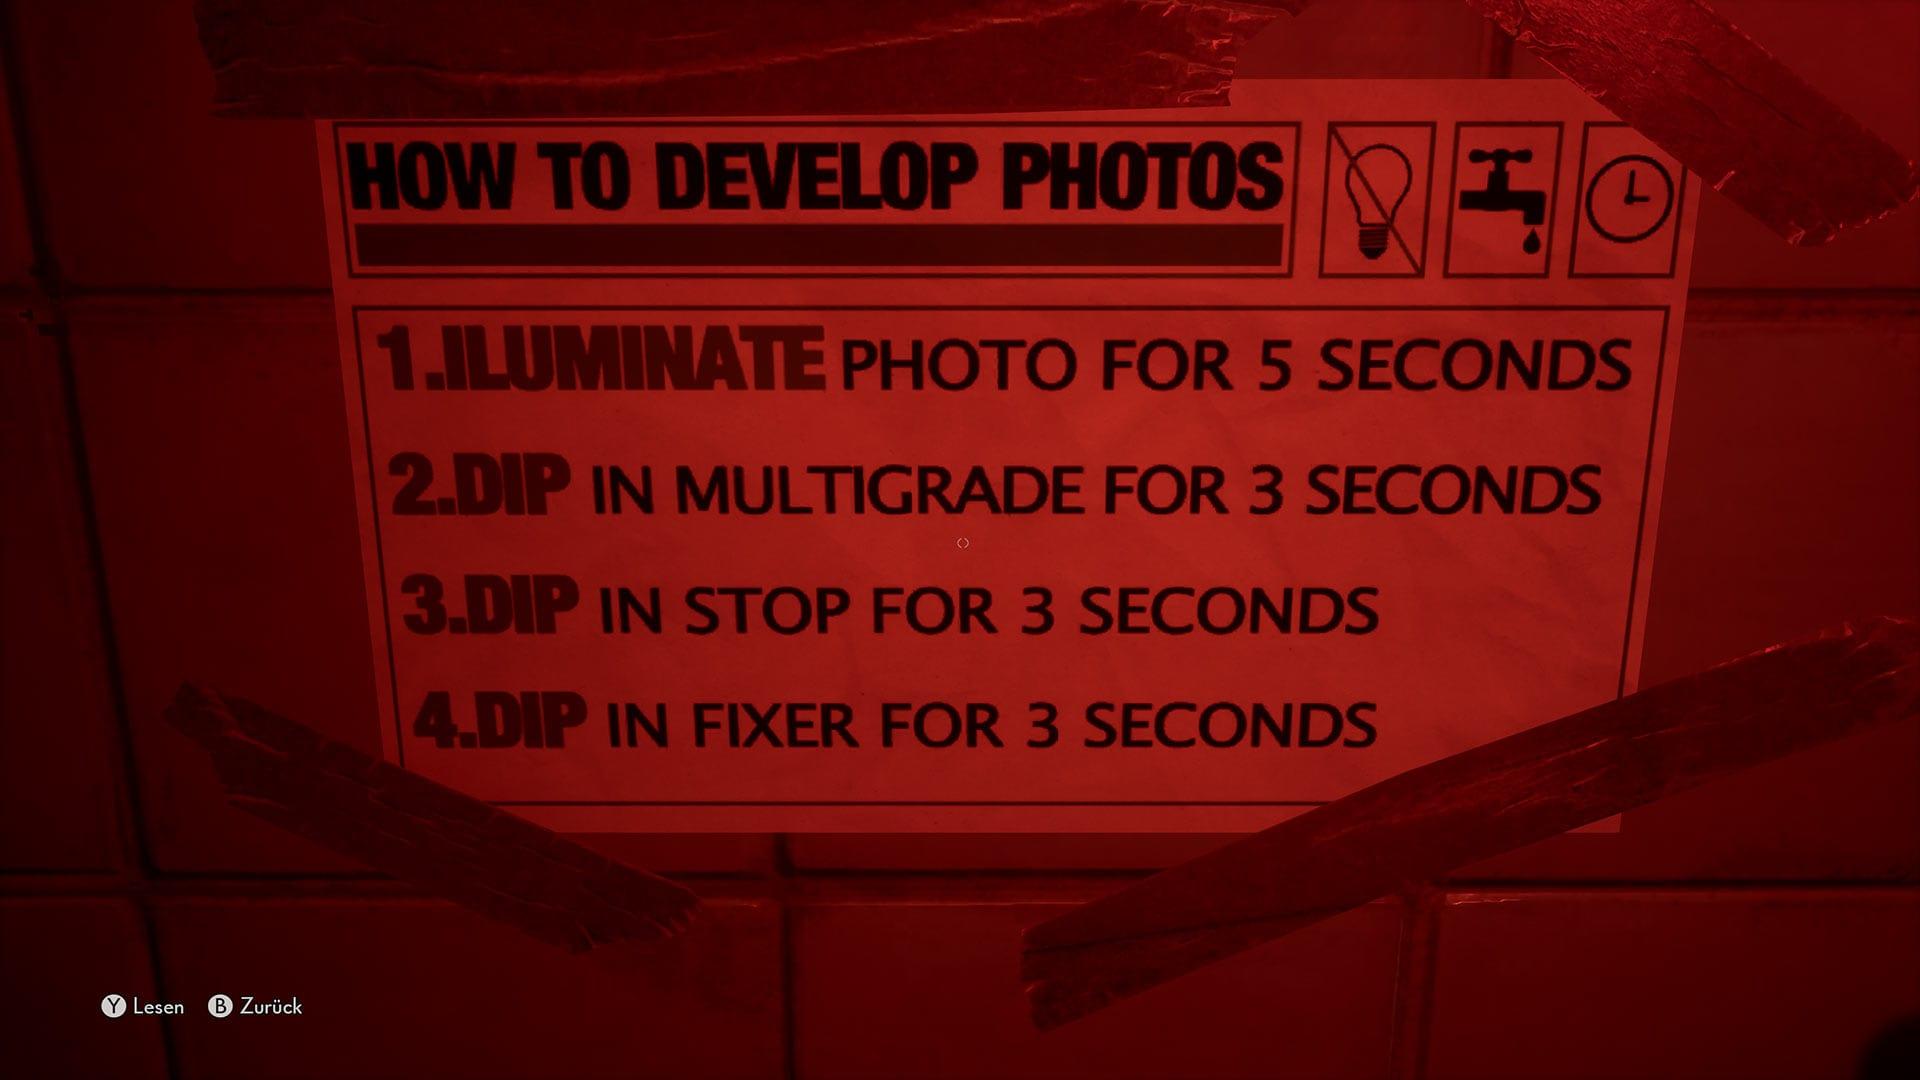 Le médium - Comment développer des photos